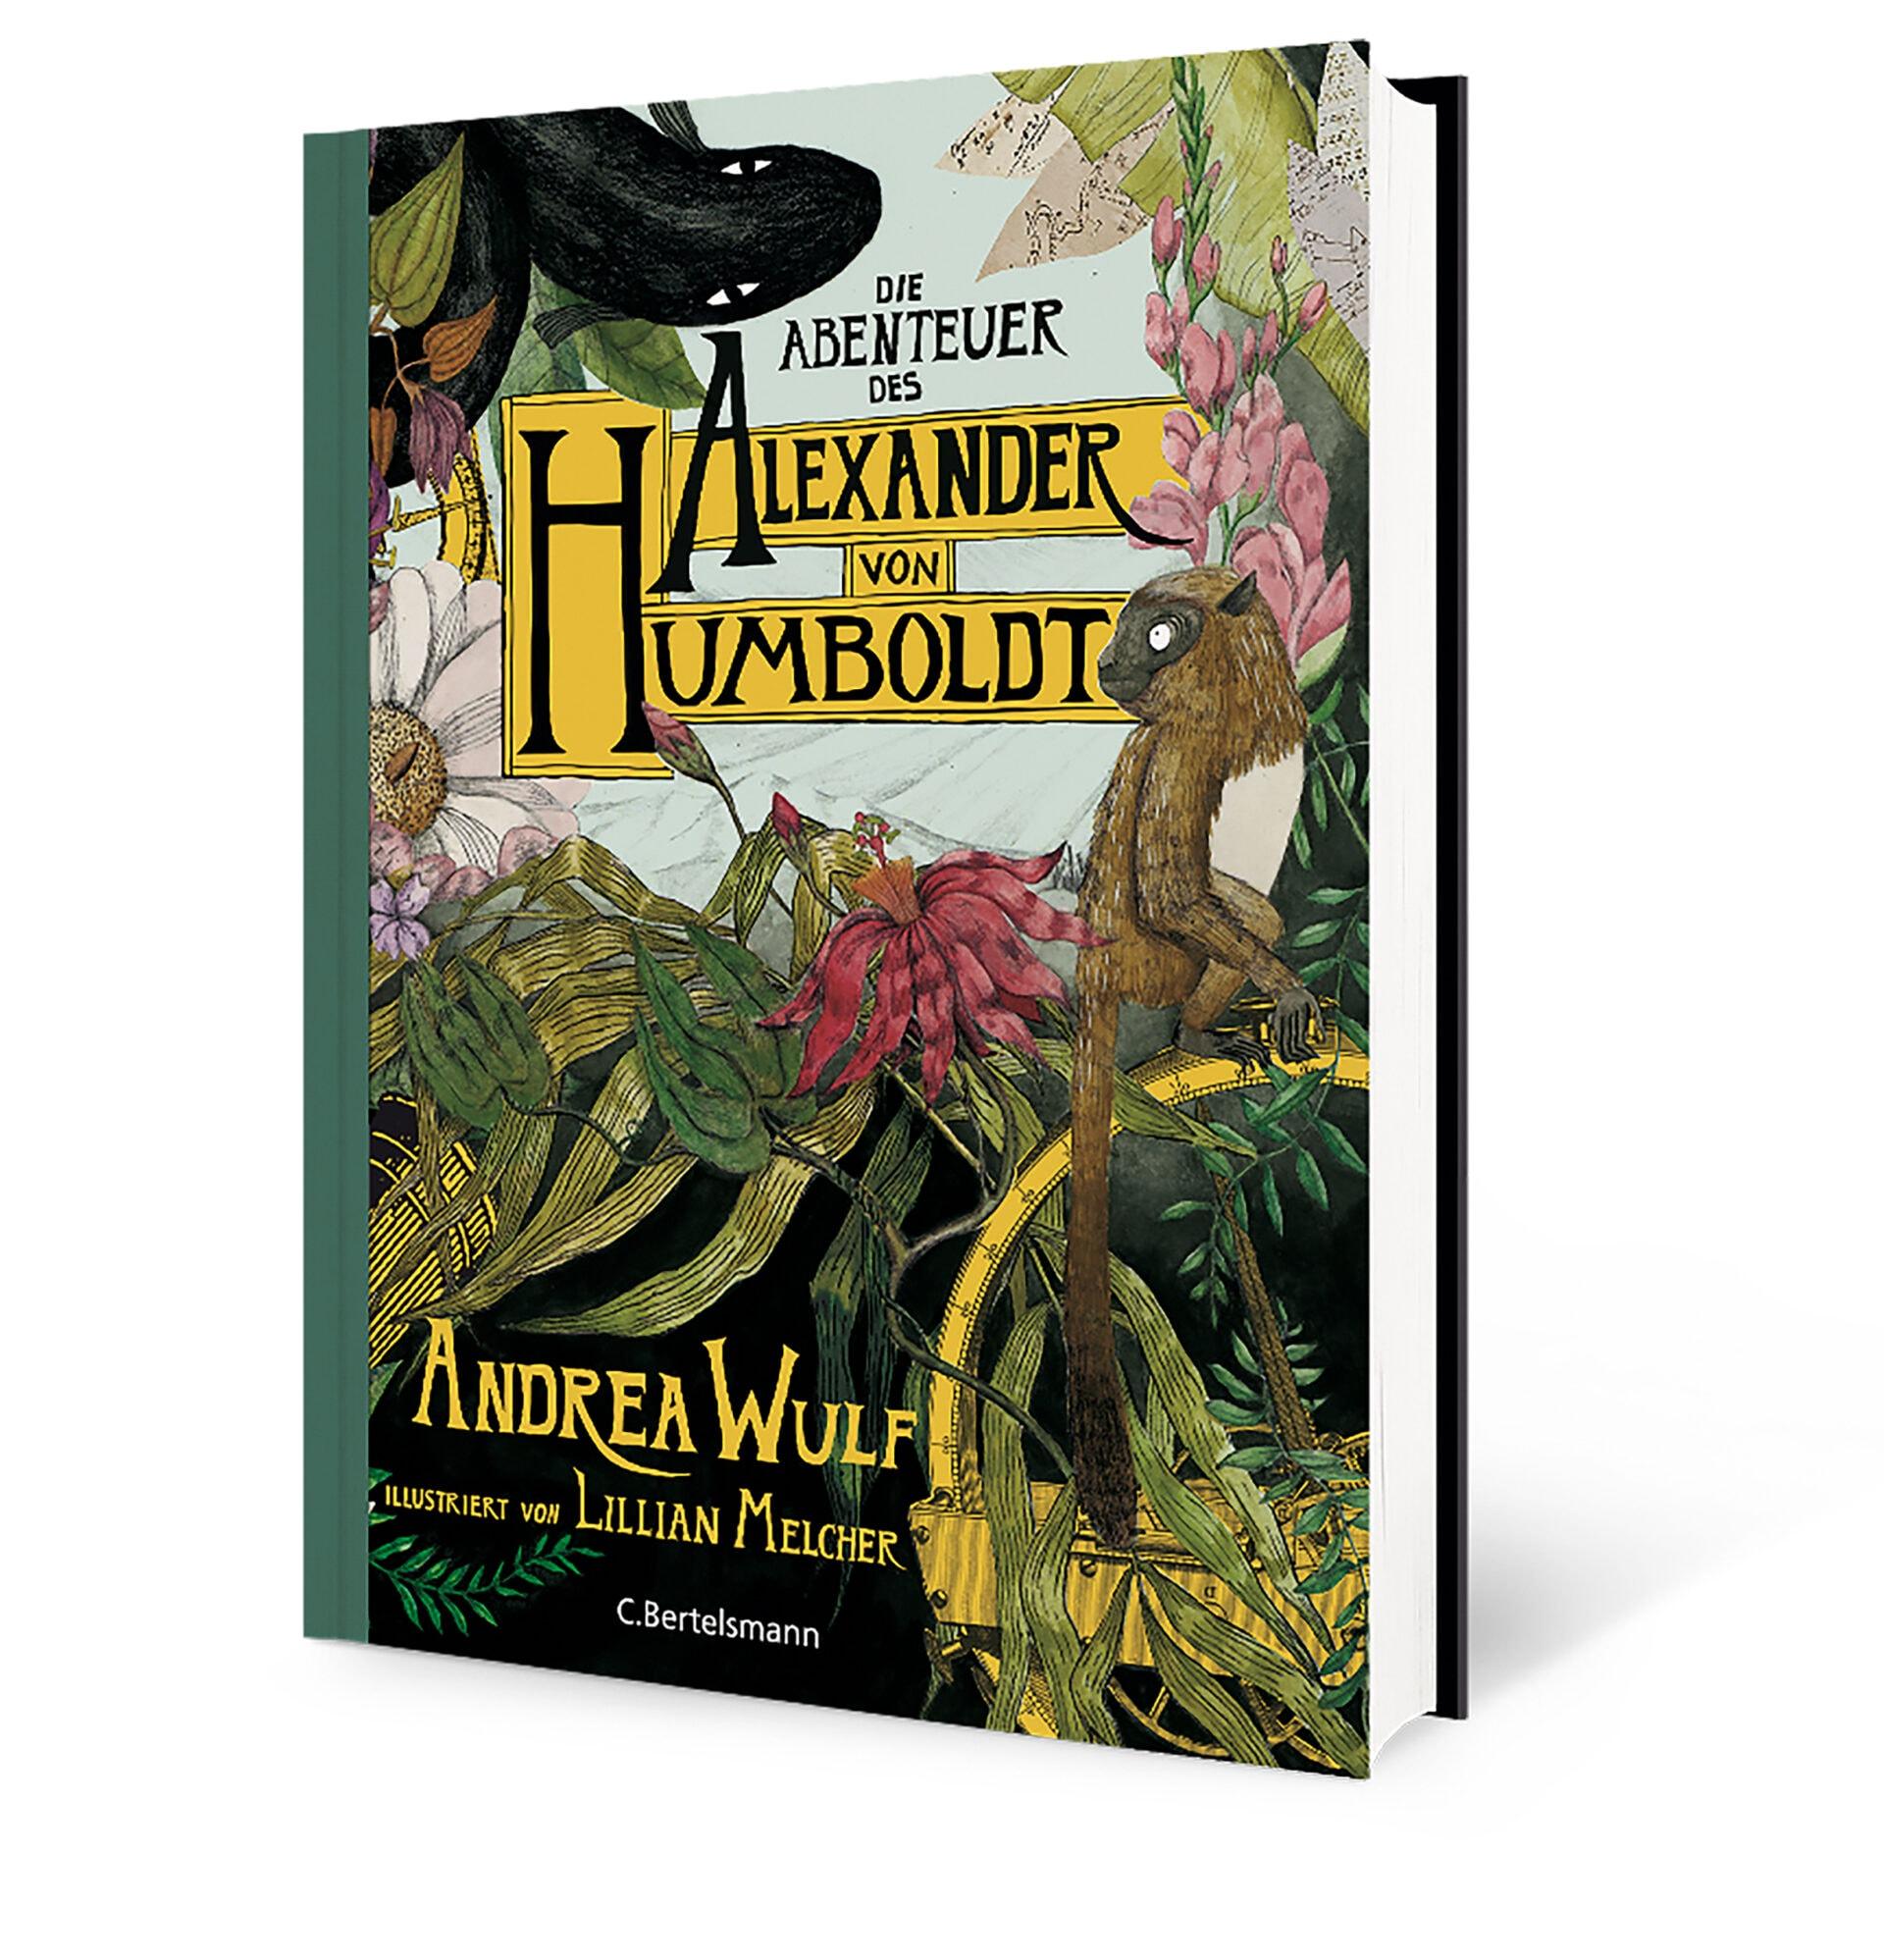 Andrea Wulf: Die Abenteuer des Alexander von Humboldt